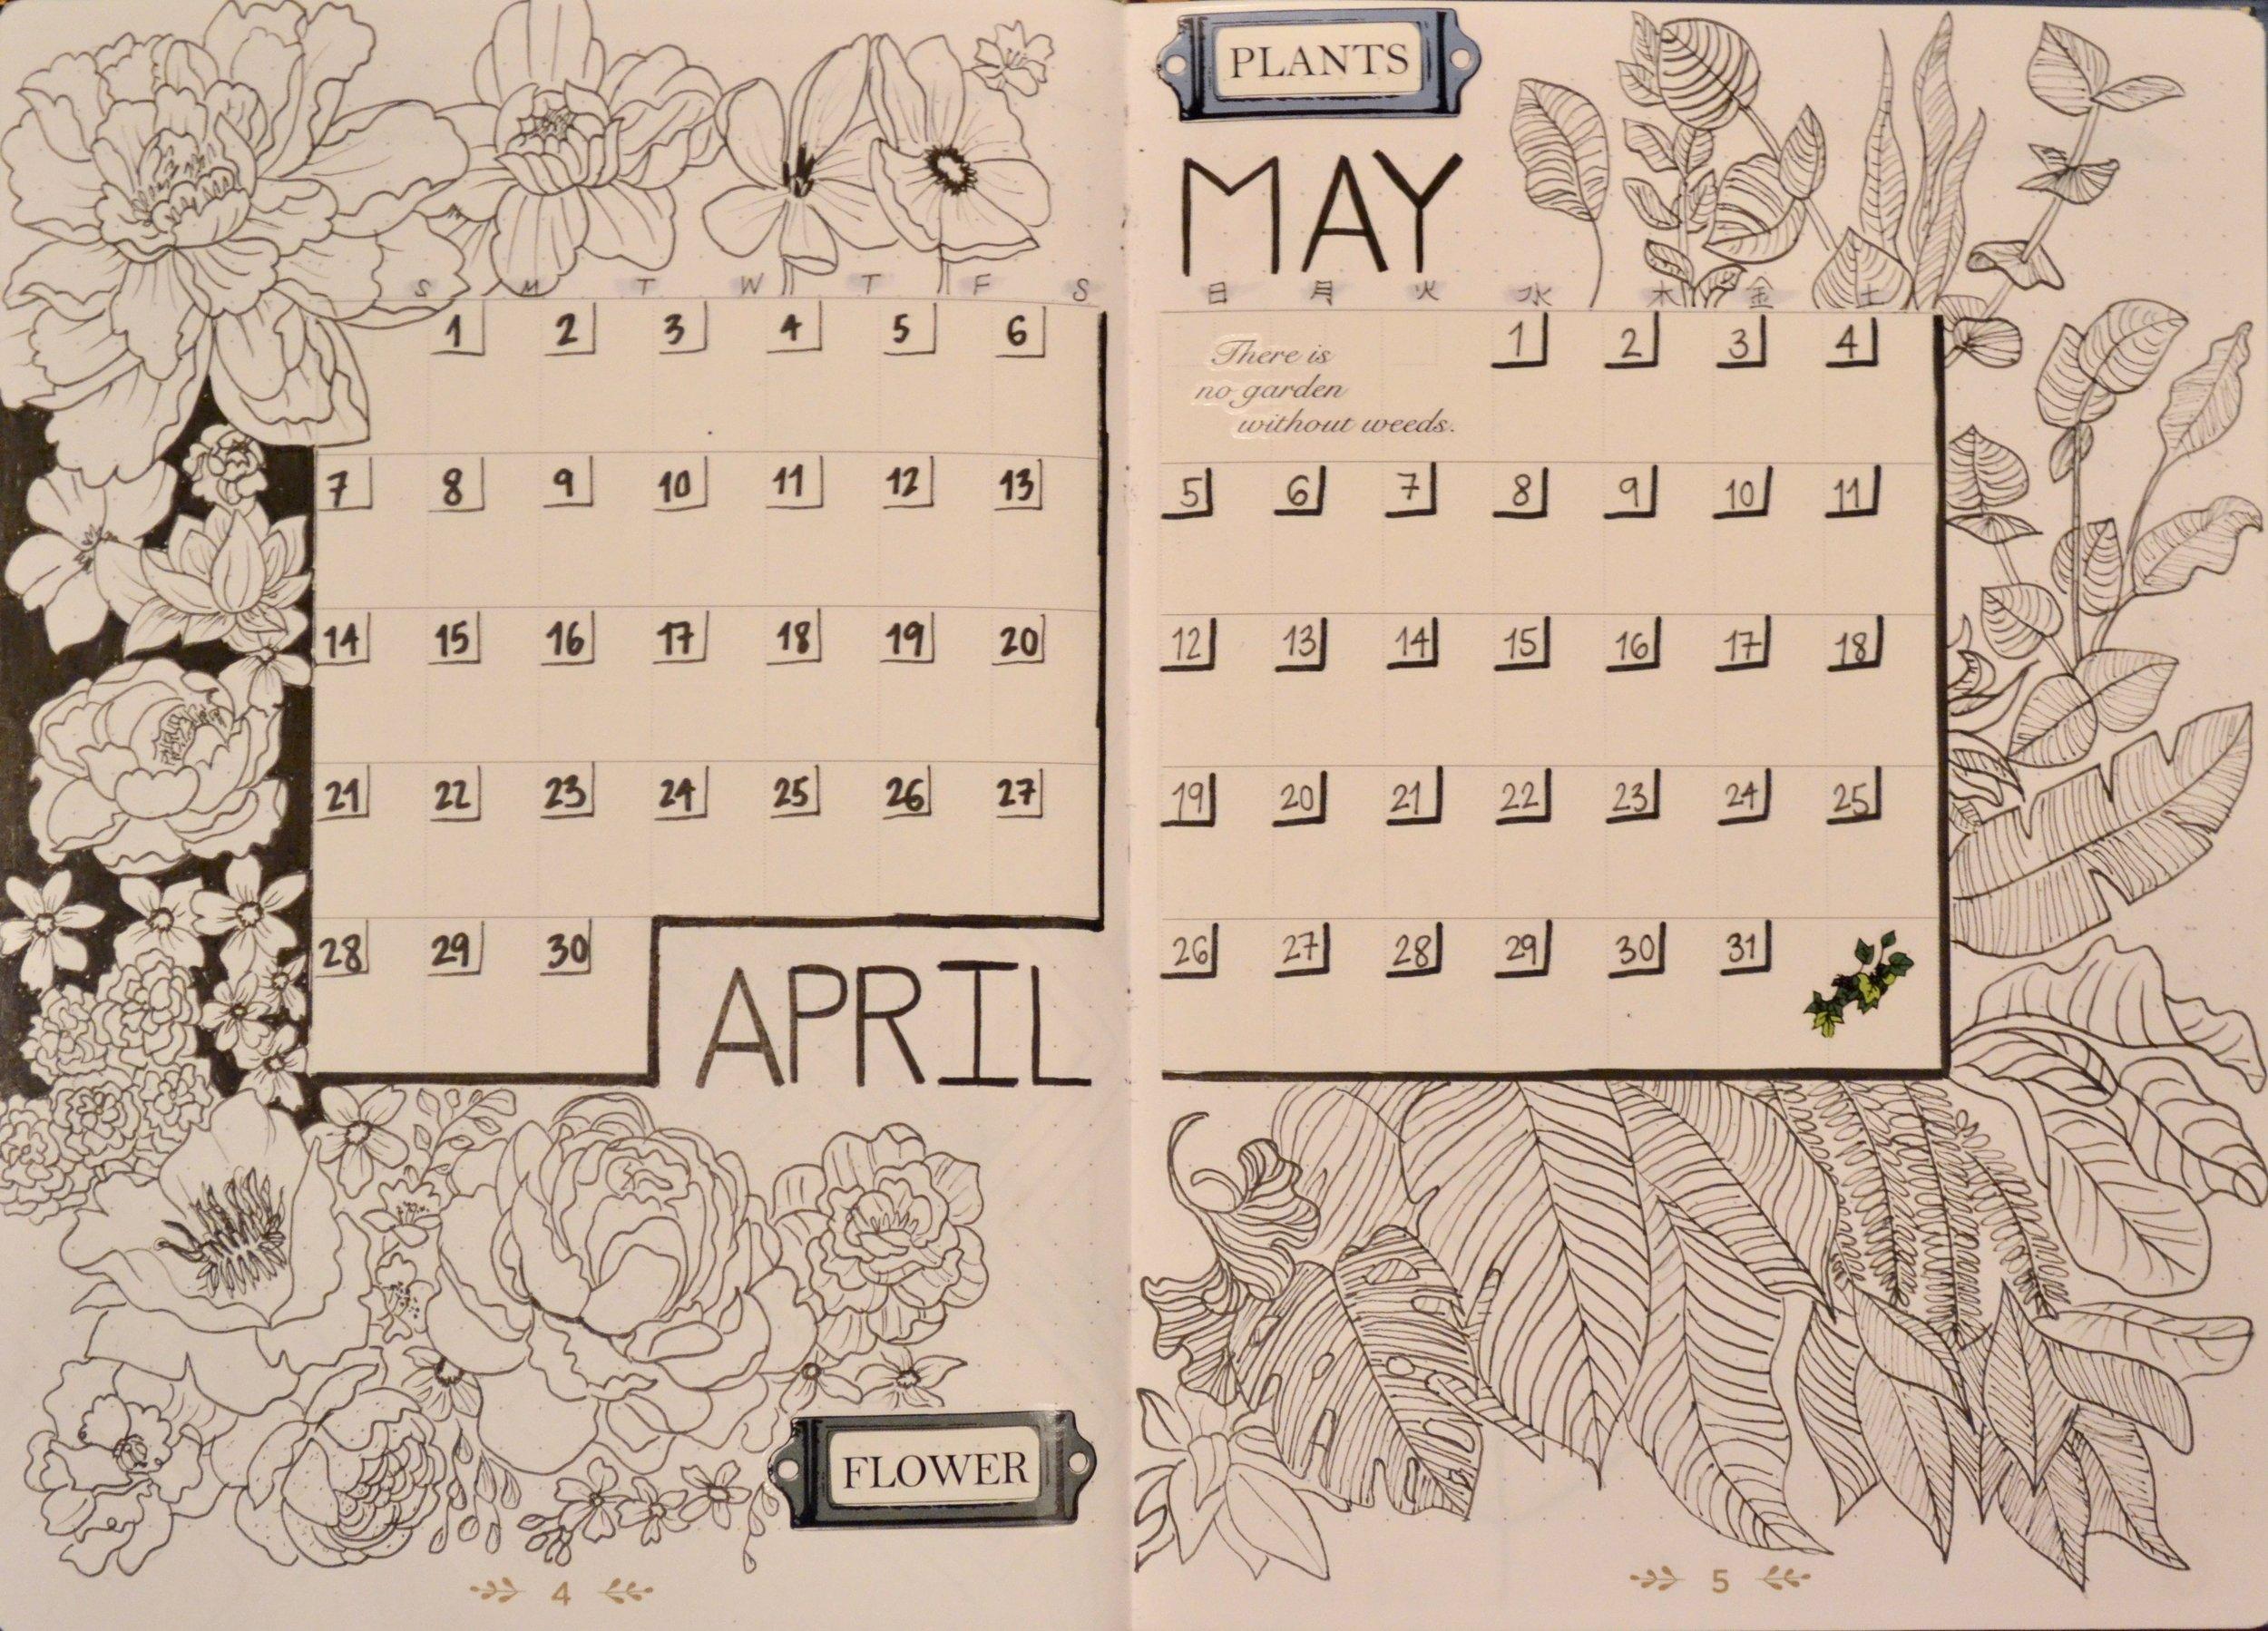 El calendario que escribí para abril y mayo. Me encanta las flores y hojas de plantas exóticas, entonces dibuje ramos de flores y plantas. Con este calendario puedo ver todos mis responsabilidades y estar mejor organizada.